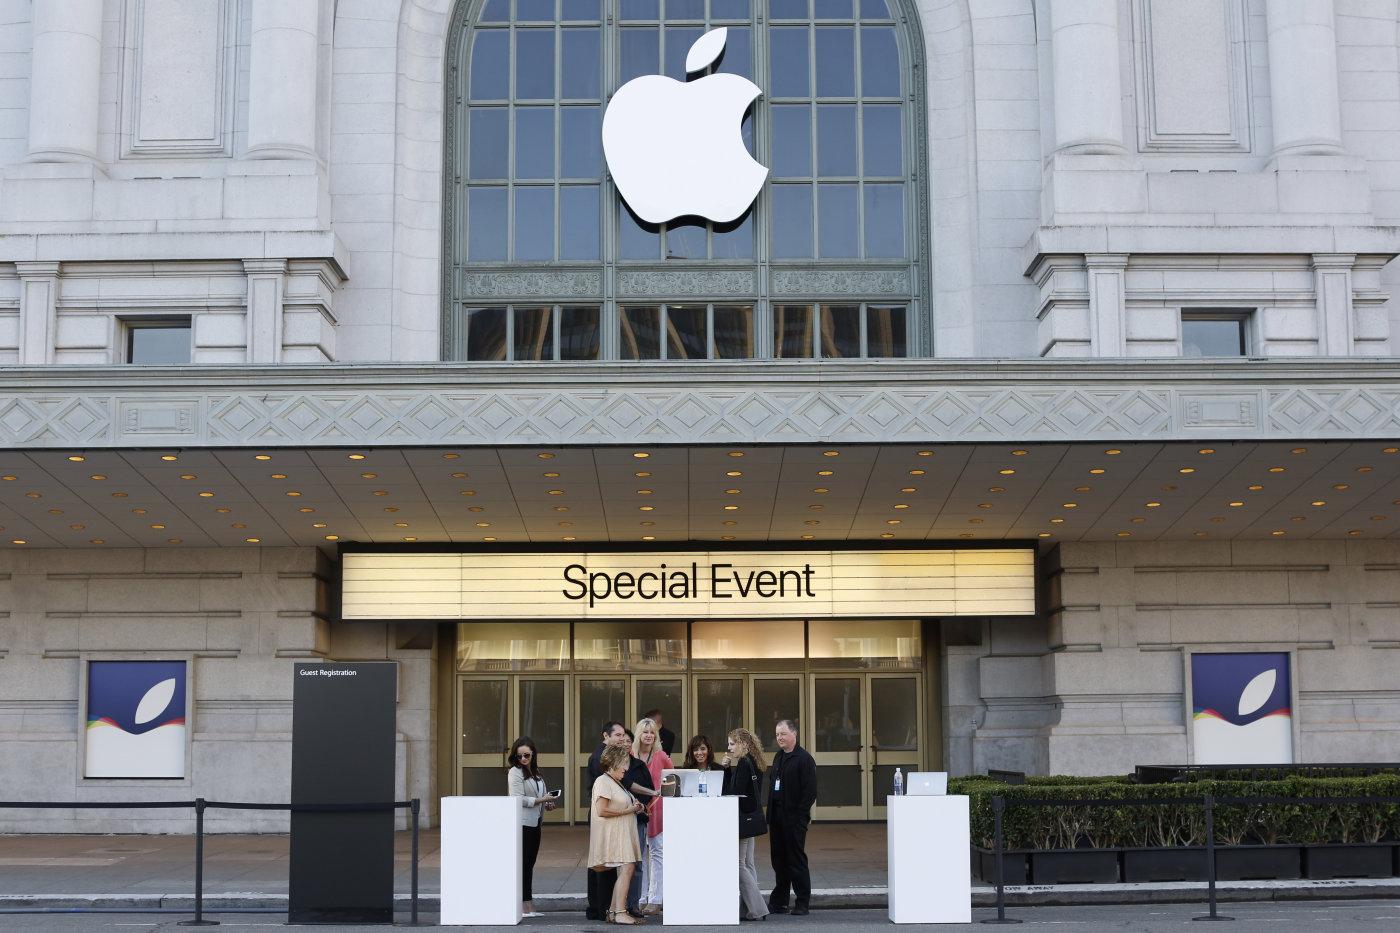 El próximo evento de Apple apunta al 15 de marzo